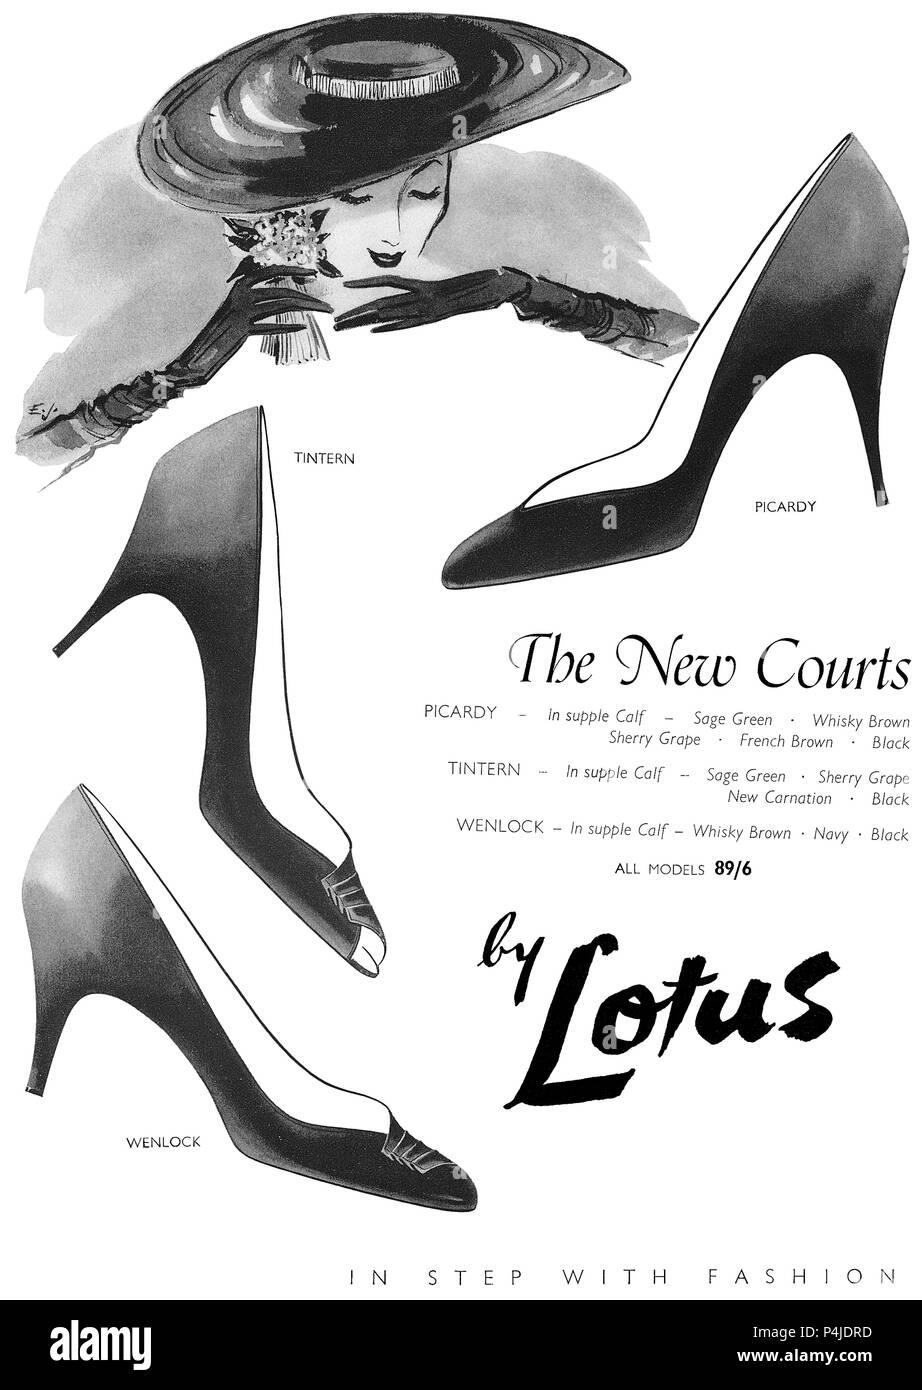 b66d2c0265fe Lotus Shoes Imágenes De Stock   Lotus Shoes Fotos De Stock - Alamy